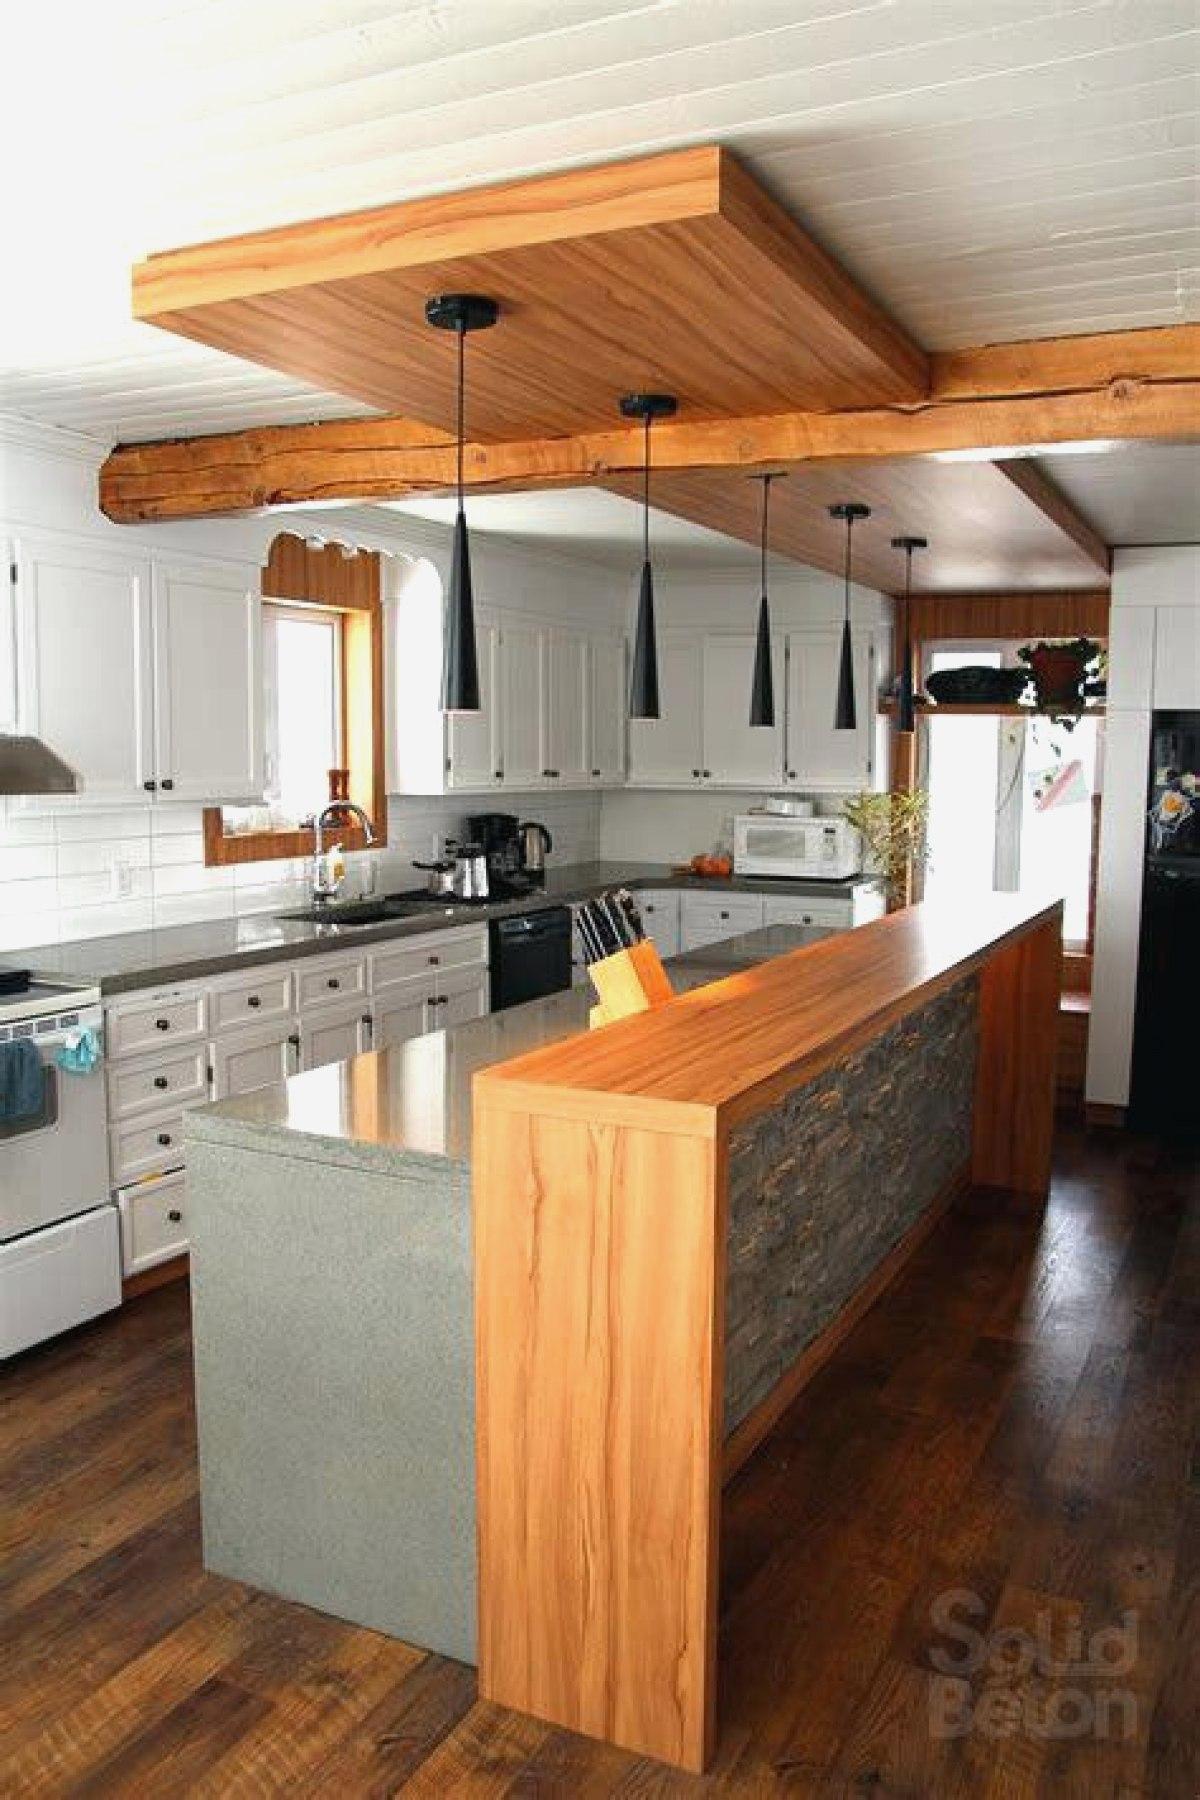 Modele de cuisine avec comptoir - Cuisine ouverte avec comptoir ...